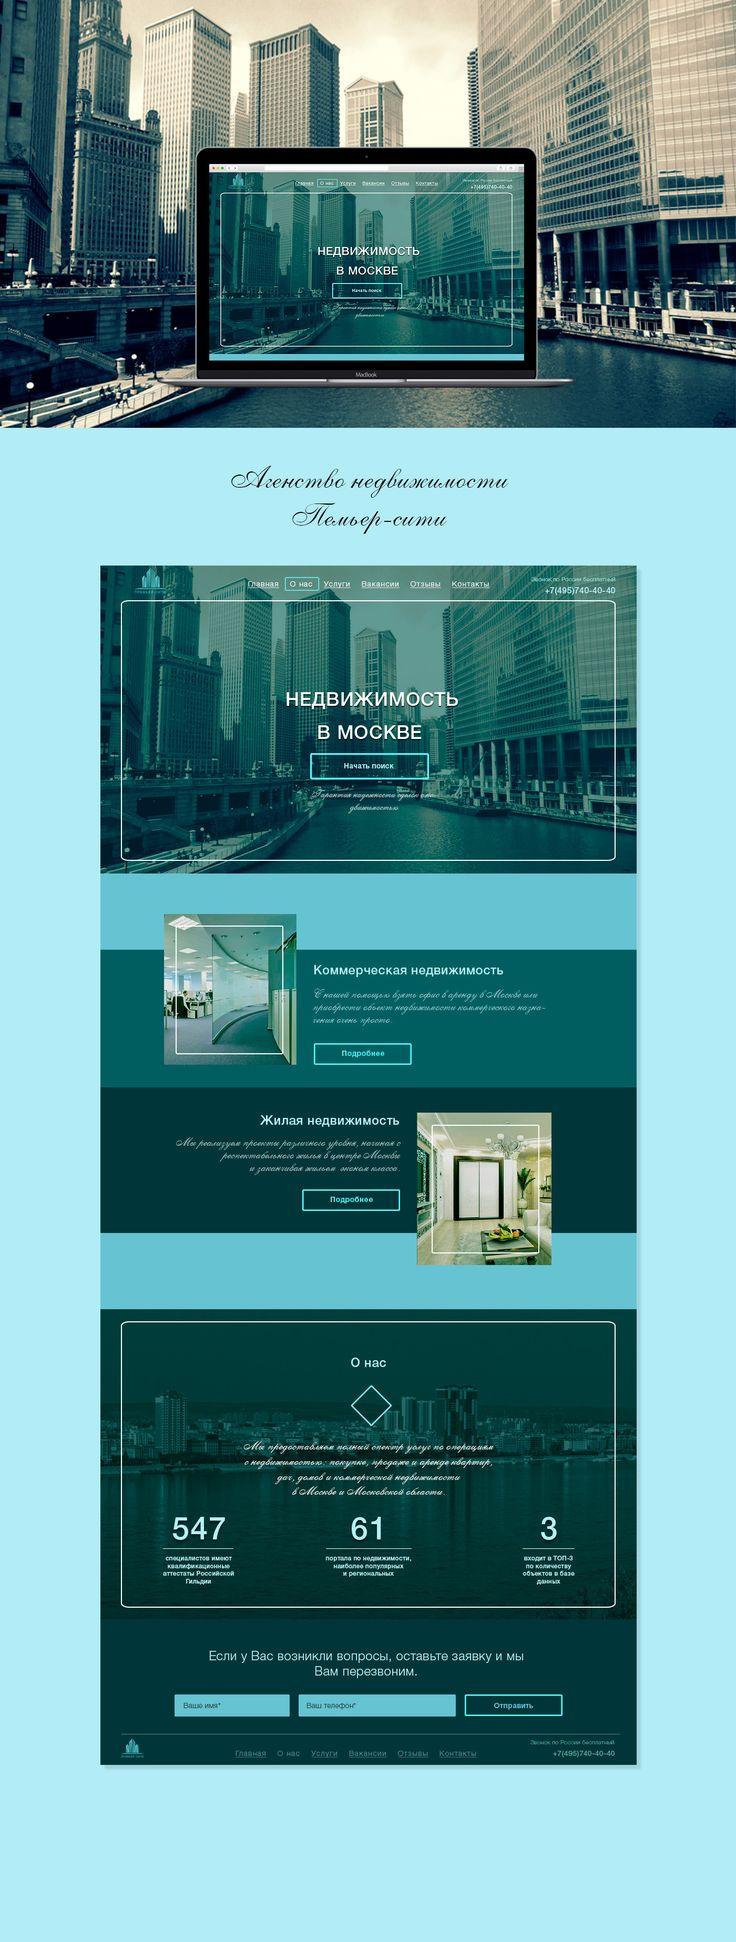 Ознакомьтесь с этим проектом @Behance: «Агентство недвижимости» https://www.behance.net/gallery/51330523/agentstvo-nedvizhimosti